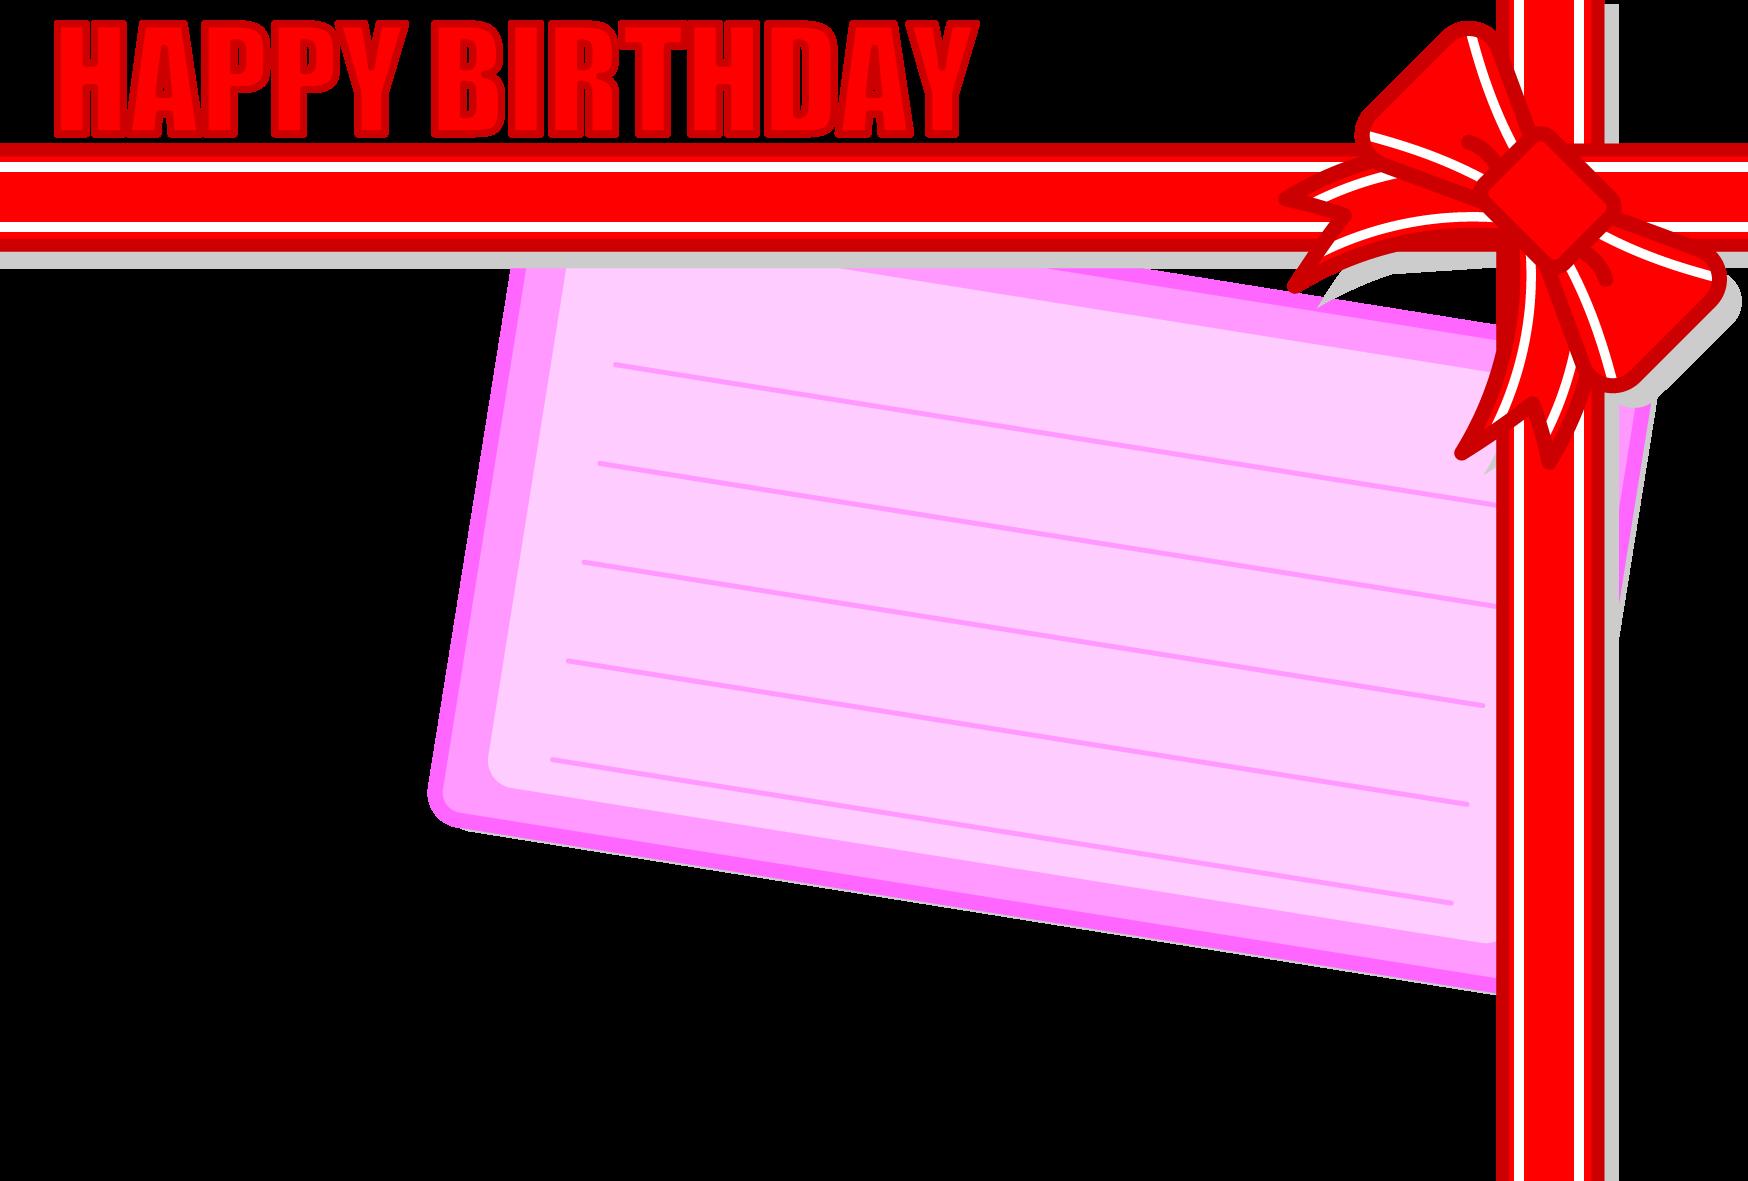 ソフトタッチでかわいい誕生日(バースデー)メッセージカード2の無料イラスト・商用フリー